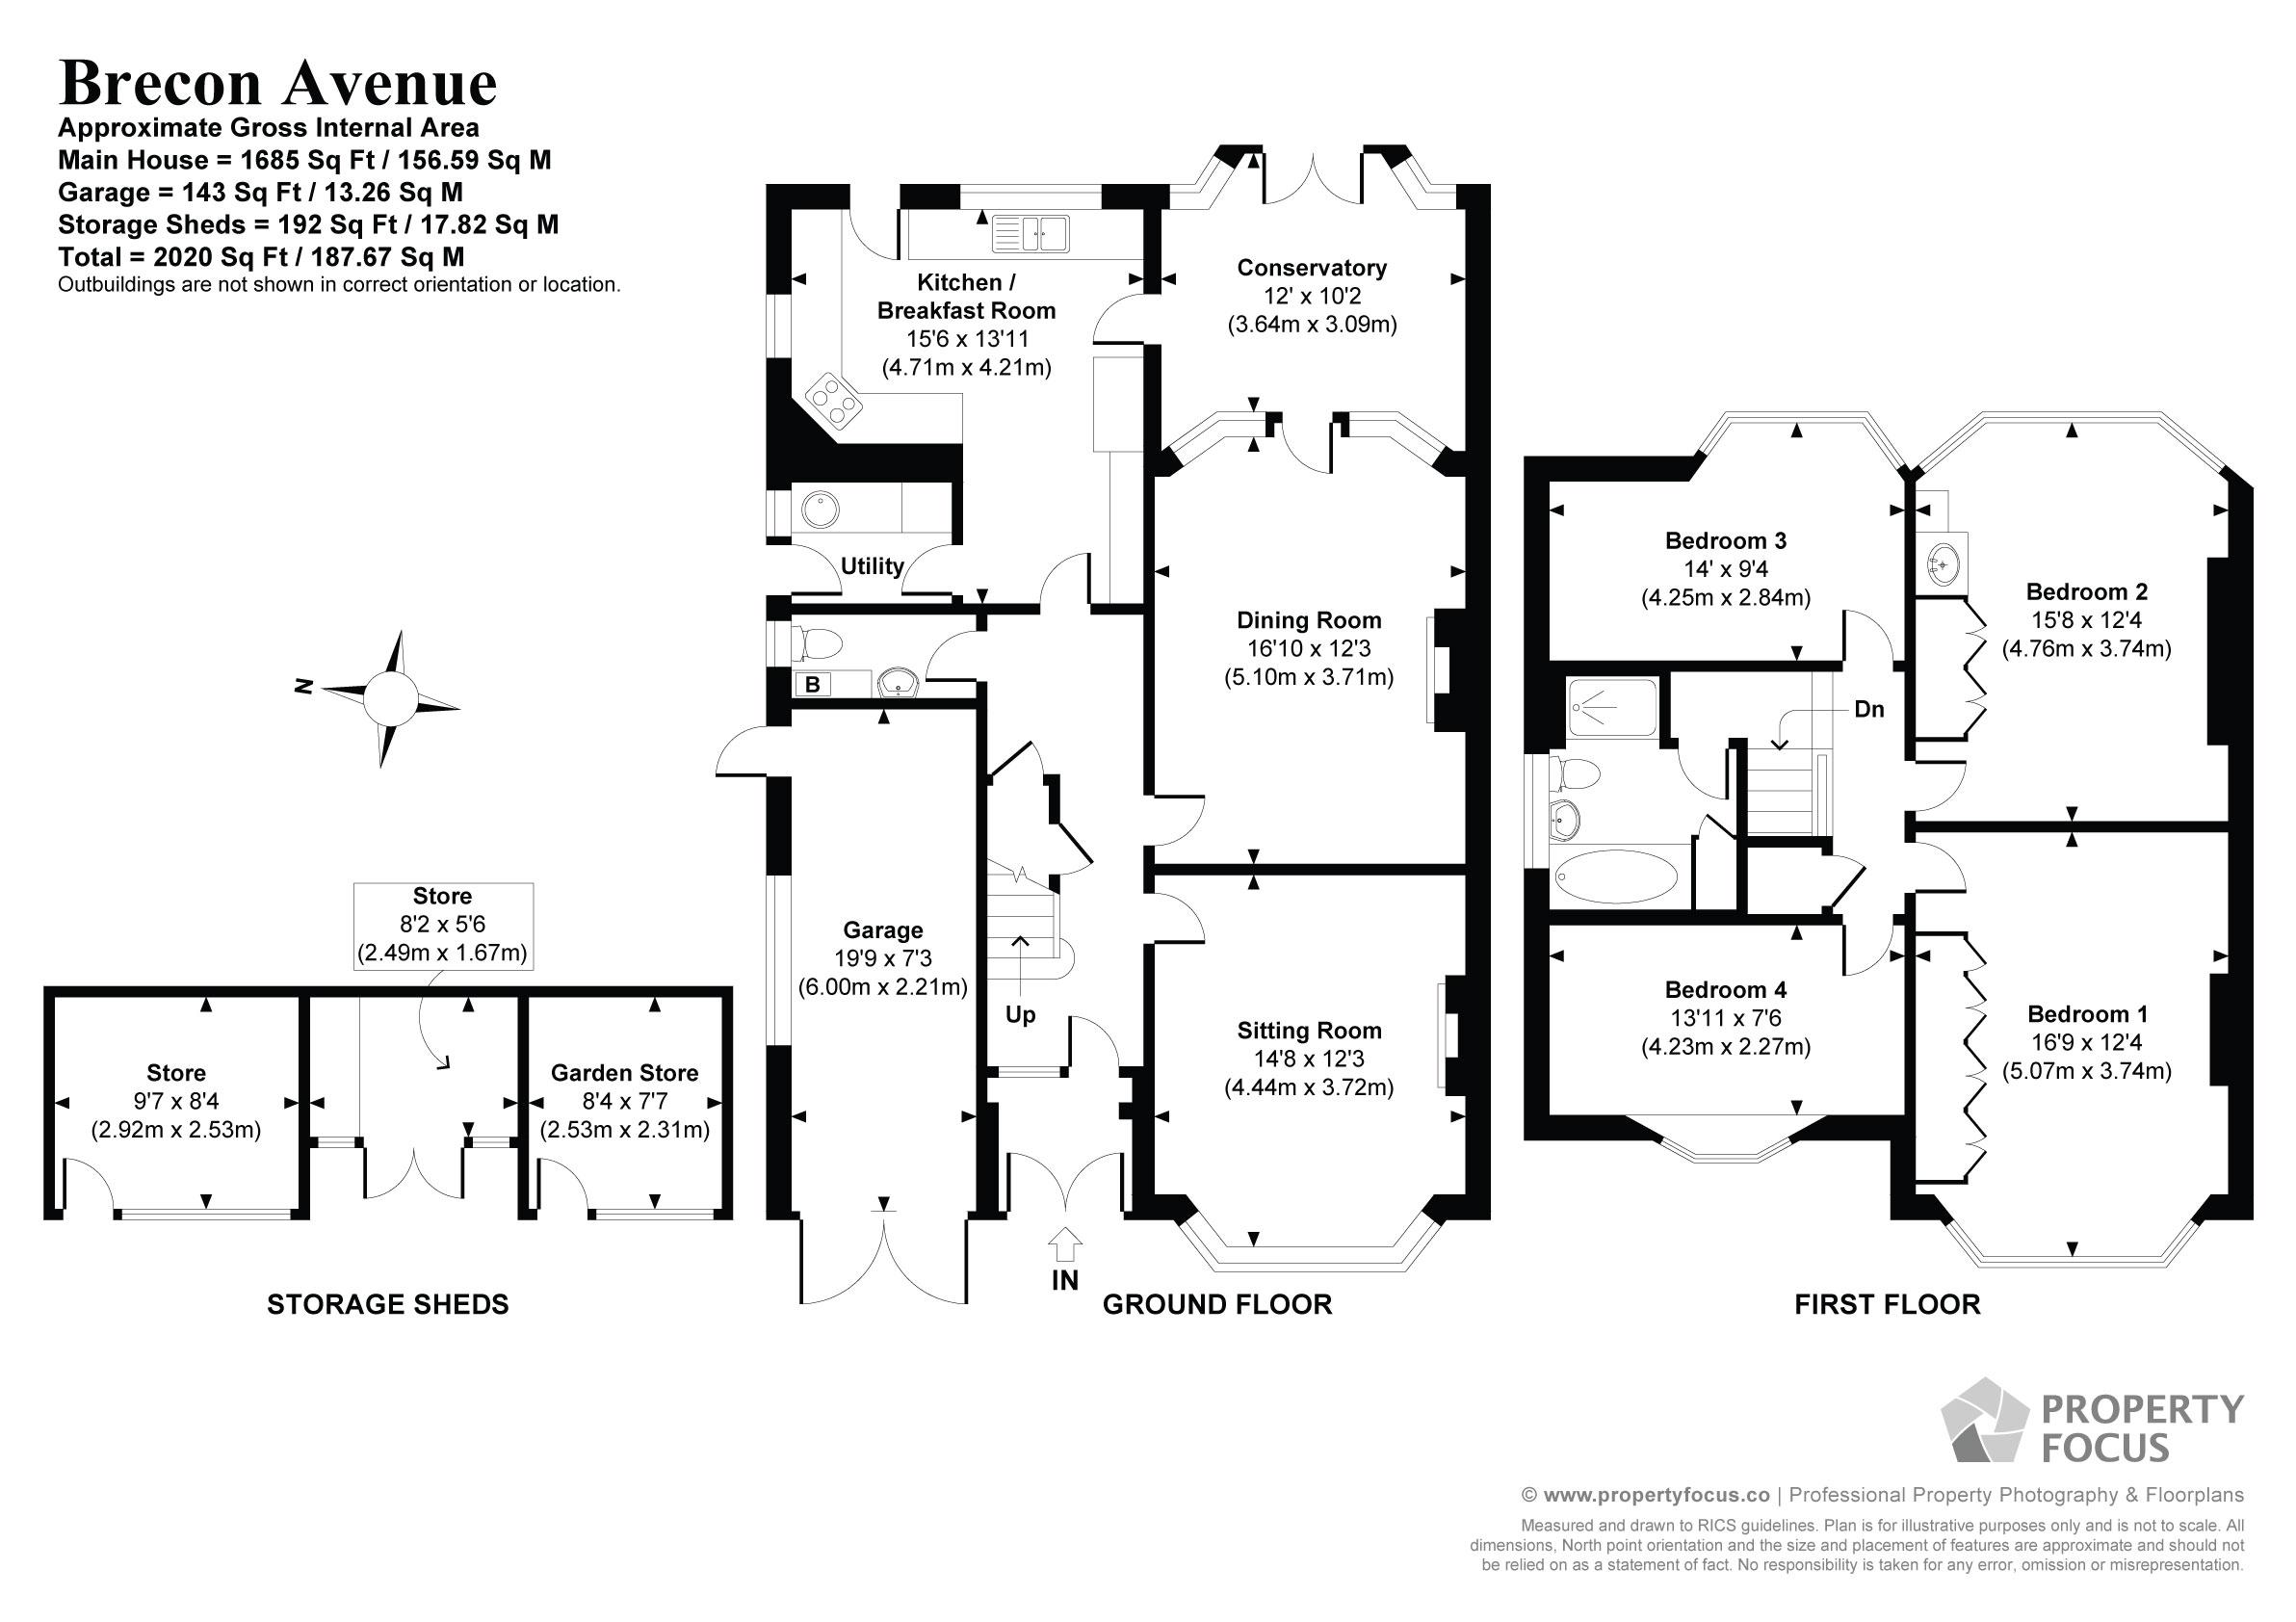 Brecon Avenue, Drayton, Portsmouth PO6, 4 bedroom semi